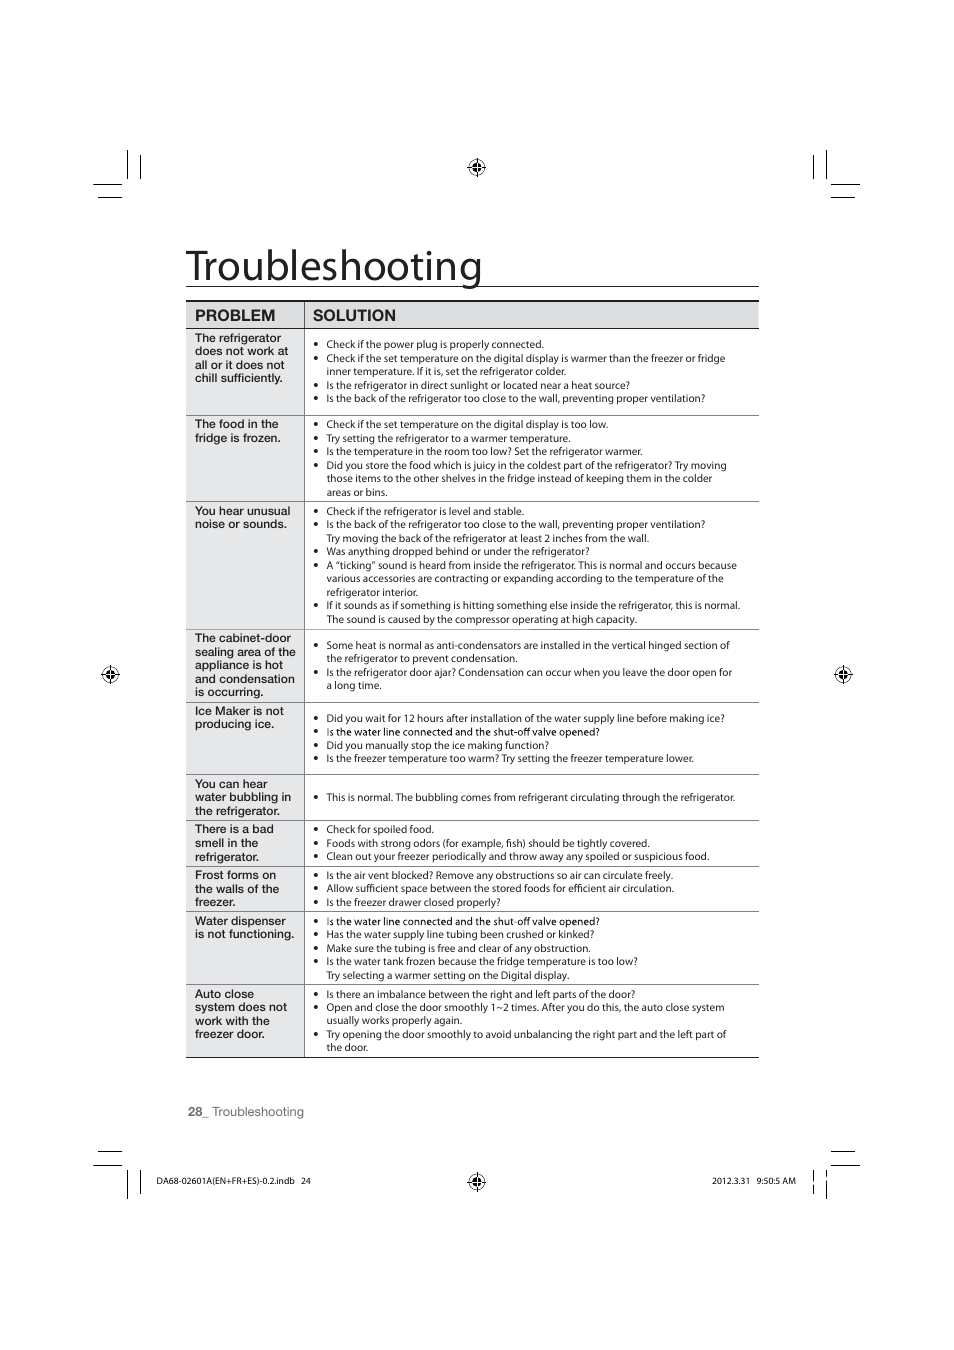 Troubleshooting, Problem solution | Samsung RF263TEAEBC-AA